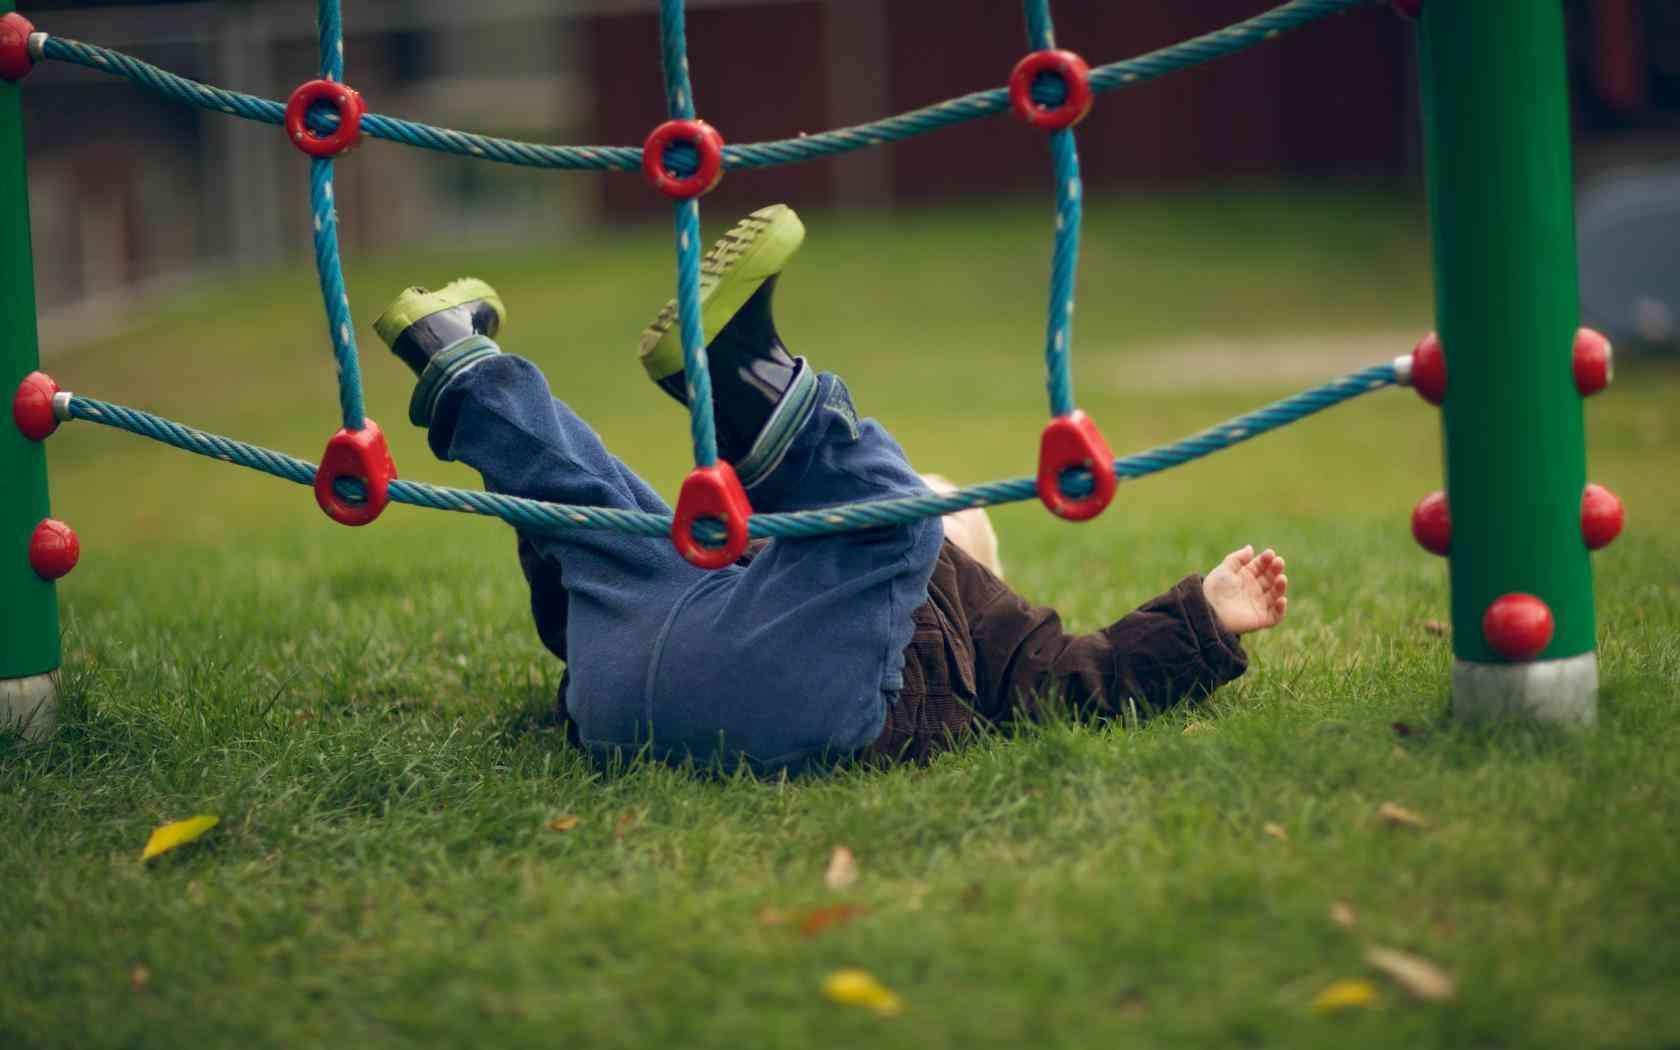 Травмоопасная весна: первая помощь ребенку при ссадинах